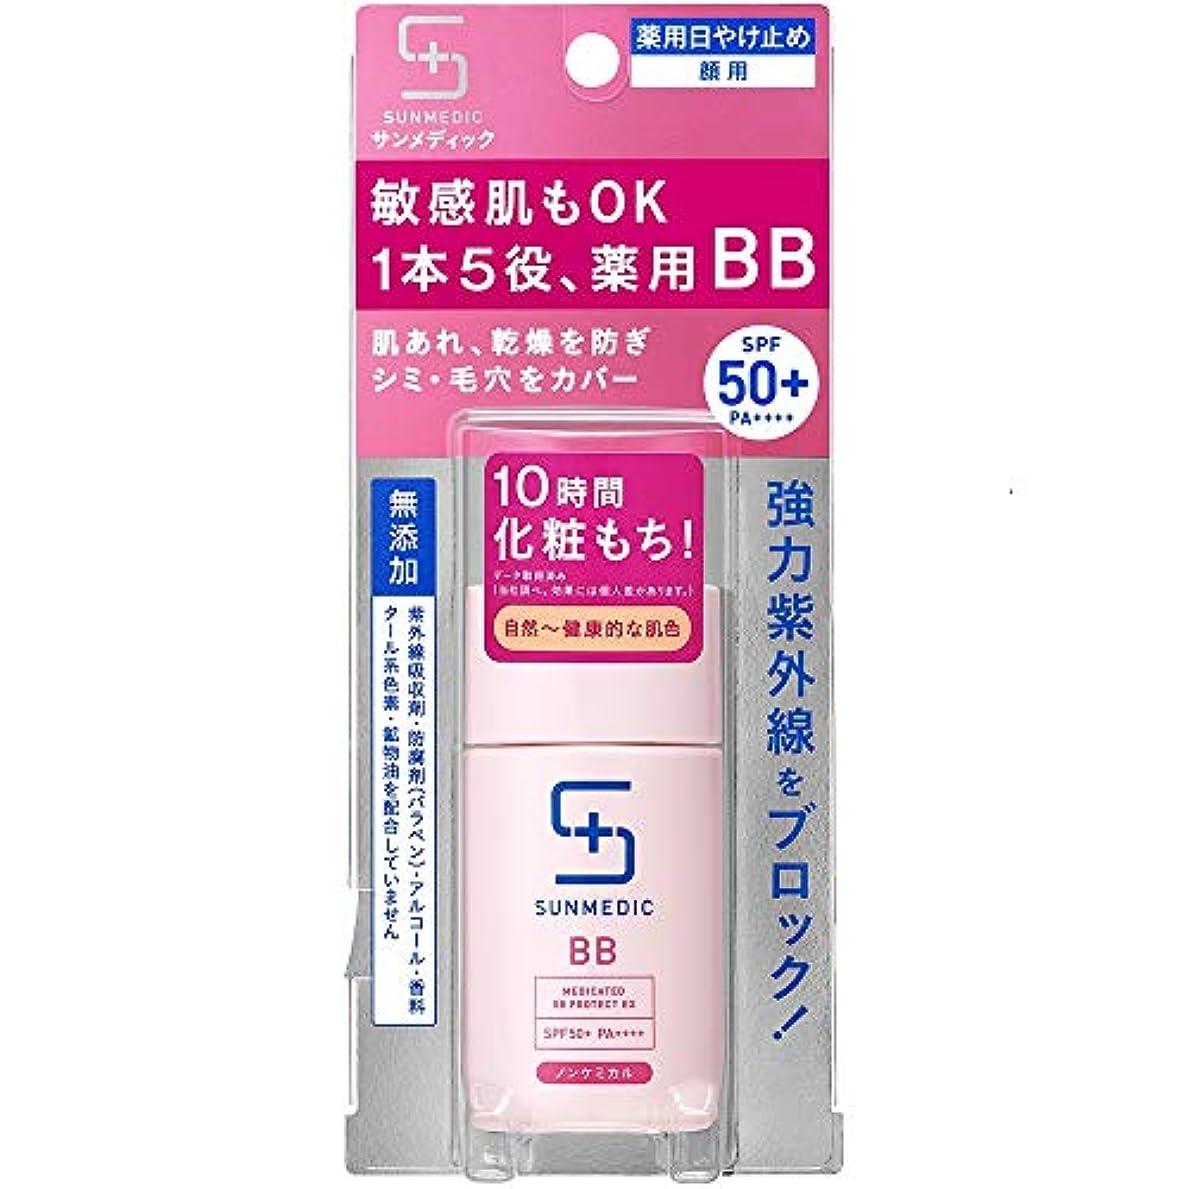 富豪よく話される俳優サンメディックUV 薬用BBプロテクトEX ナチュラル 30ml (医薬部外品)